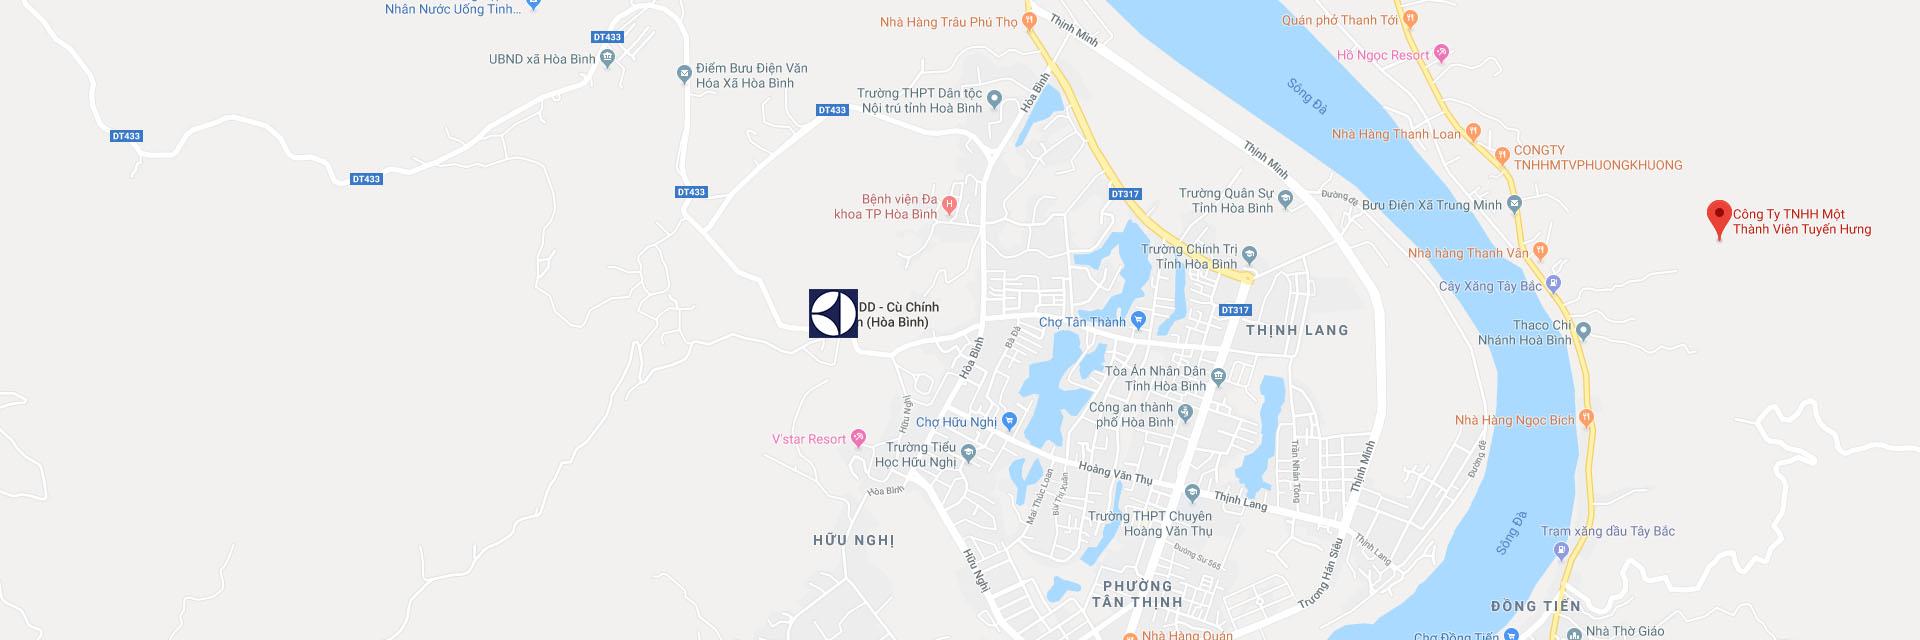 Gooelg Maps Trung tâm sửa máy giặt Electrolux tại Hòa Bình